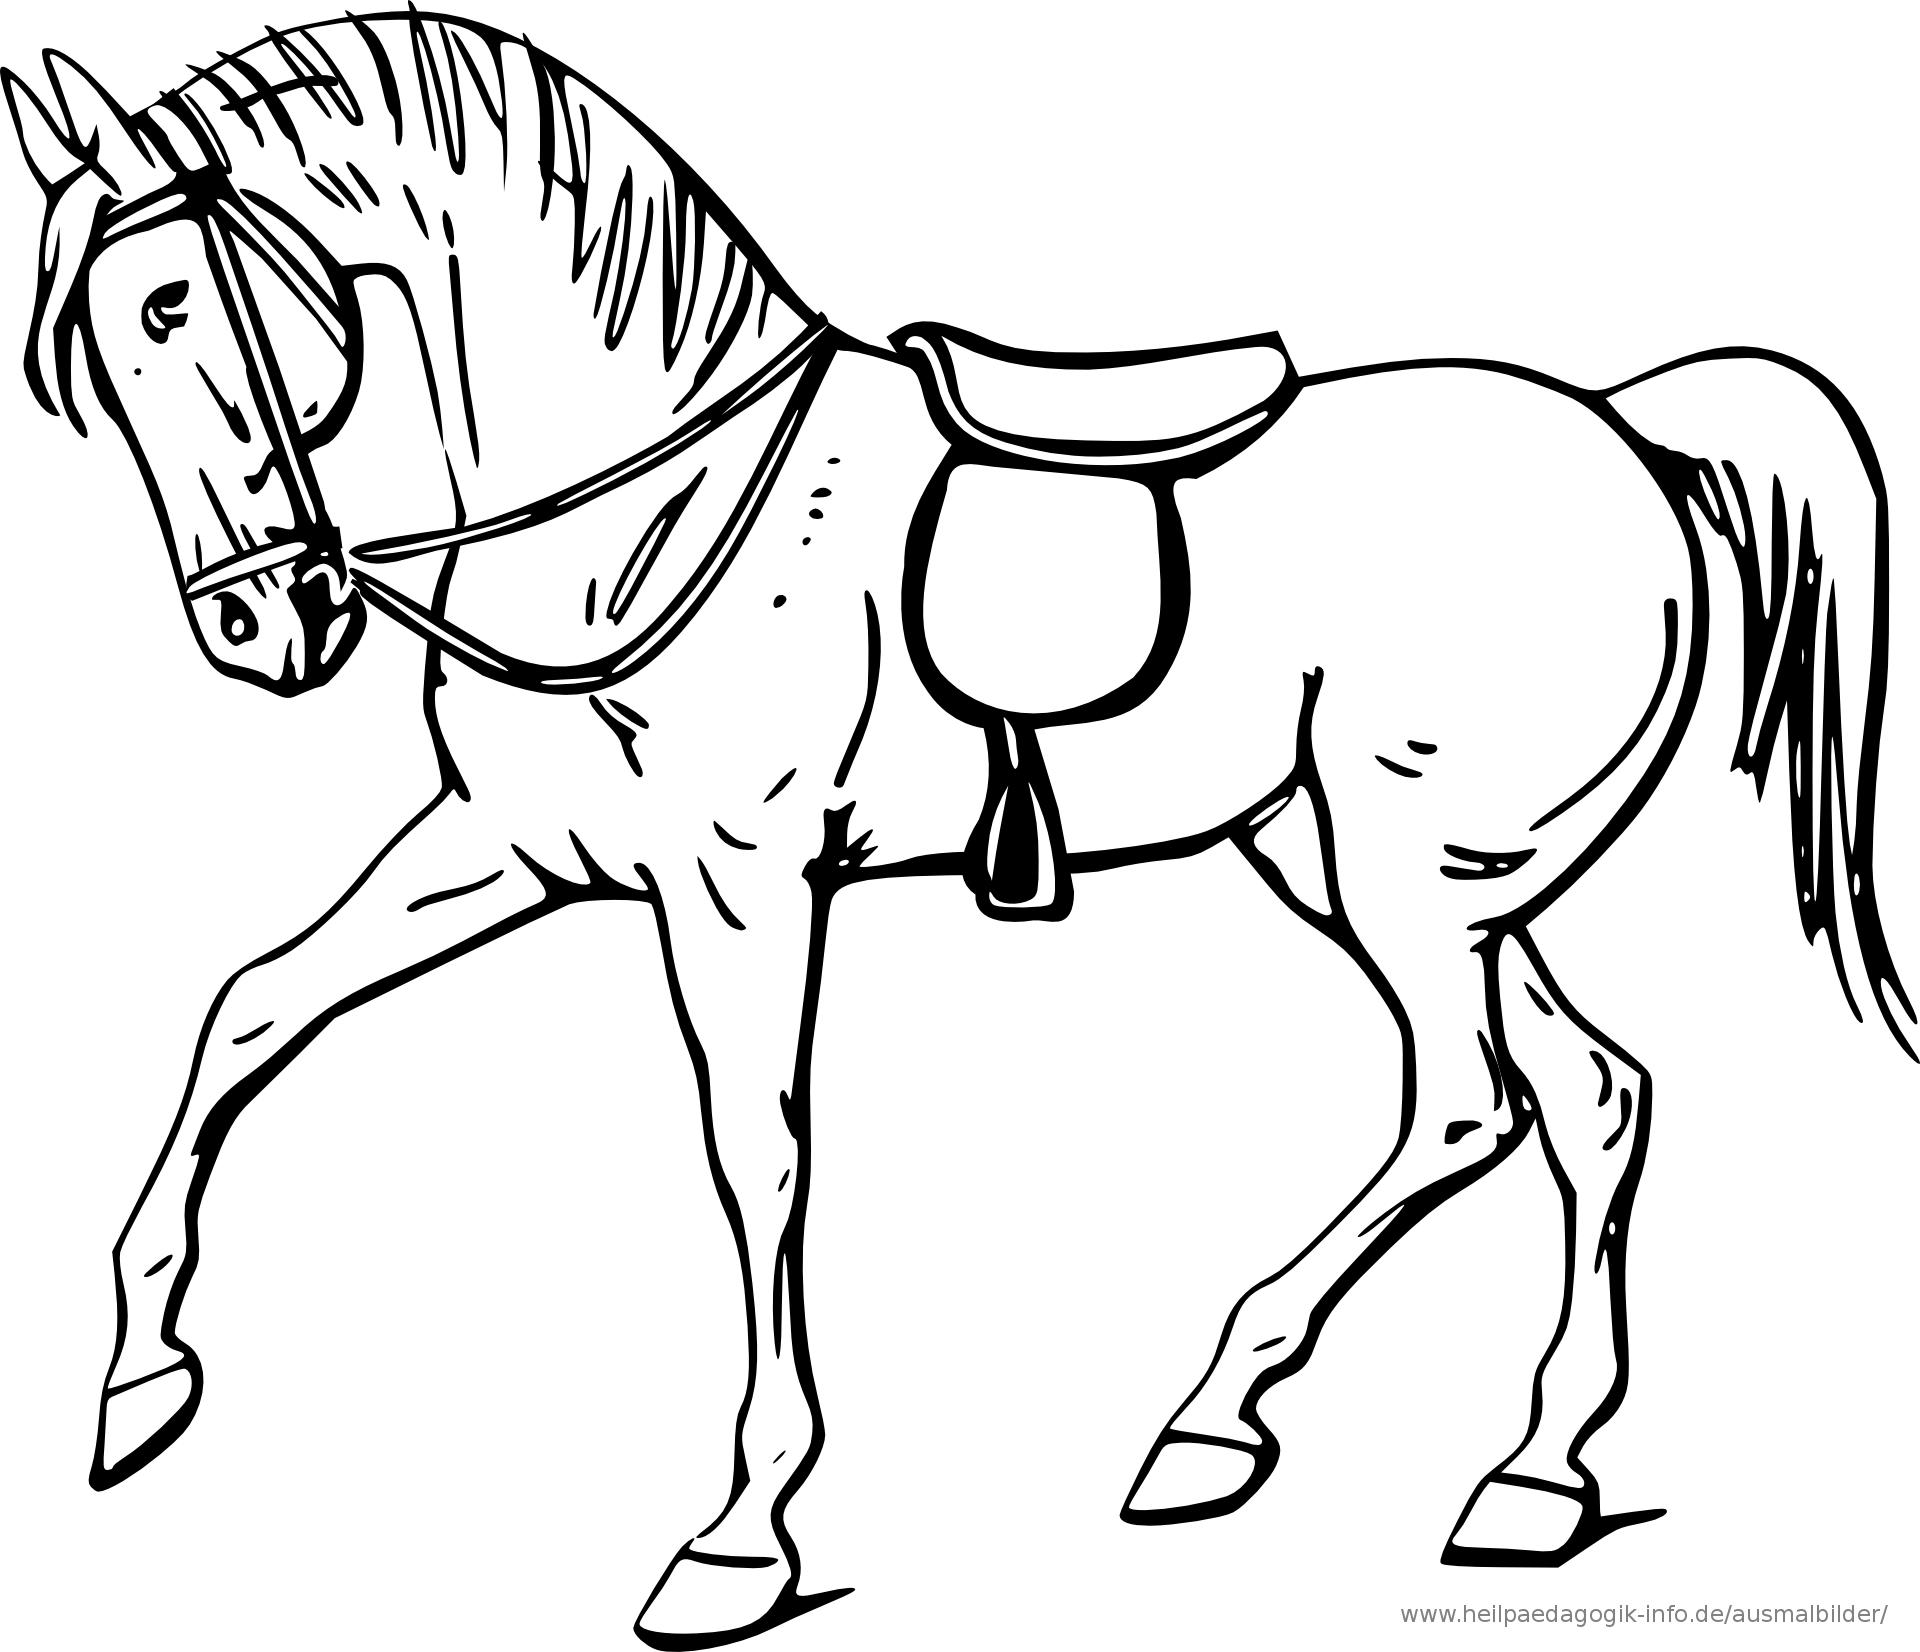 Ausmalbilder Pferde 7  Ausmalbilder pferde, Malvorlagen pferde